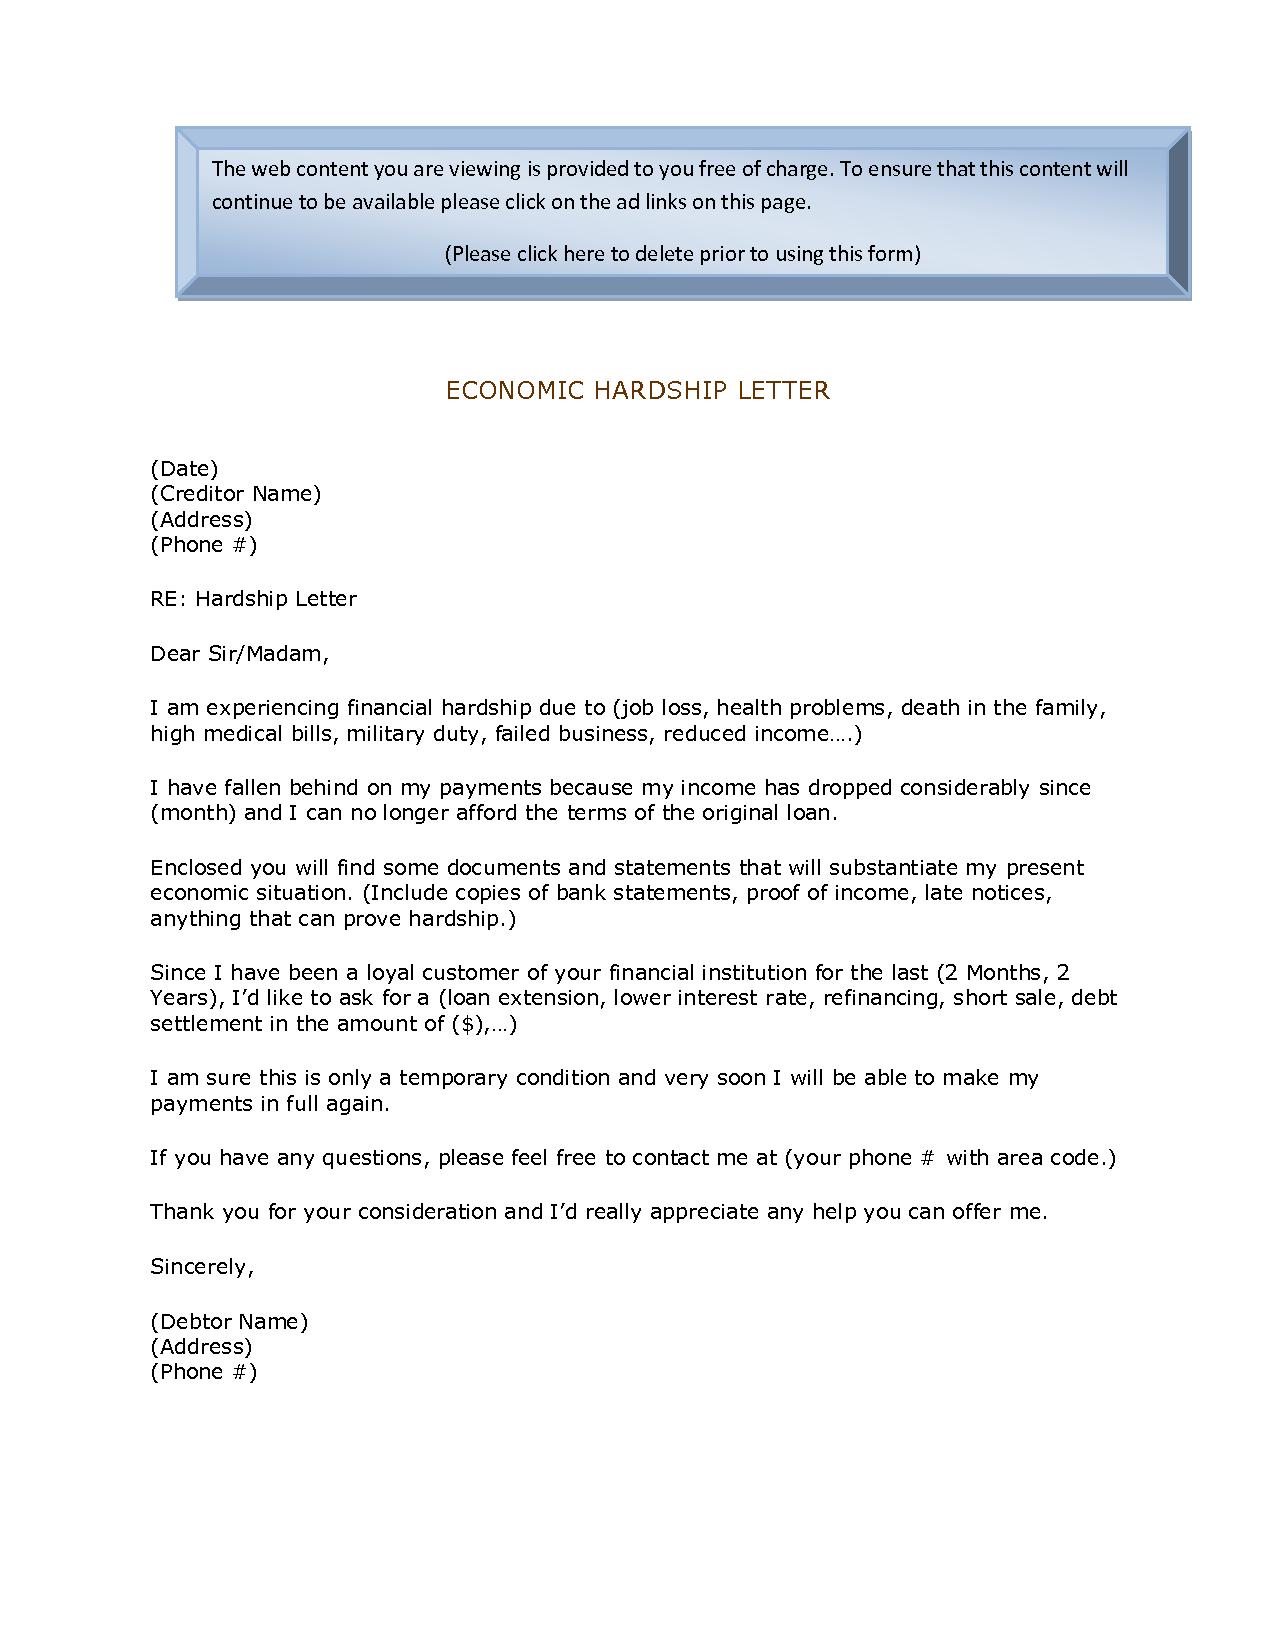 Economic hardship sample letter economic hardship letter 0775 economic hardship sample letter economic hardship letter spiritdancerdesigns Images